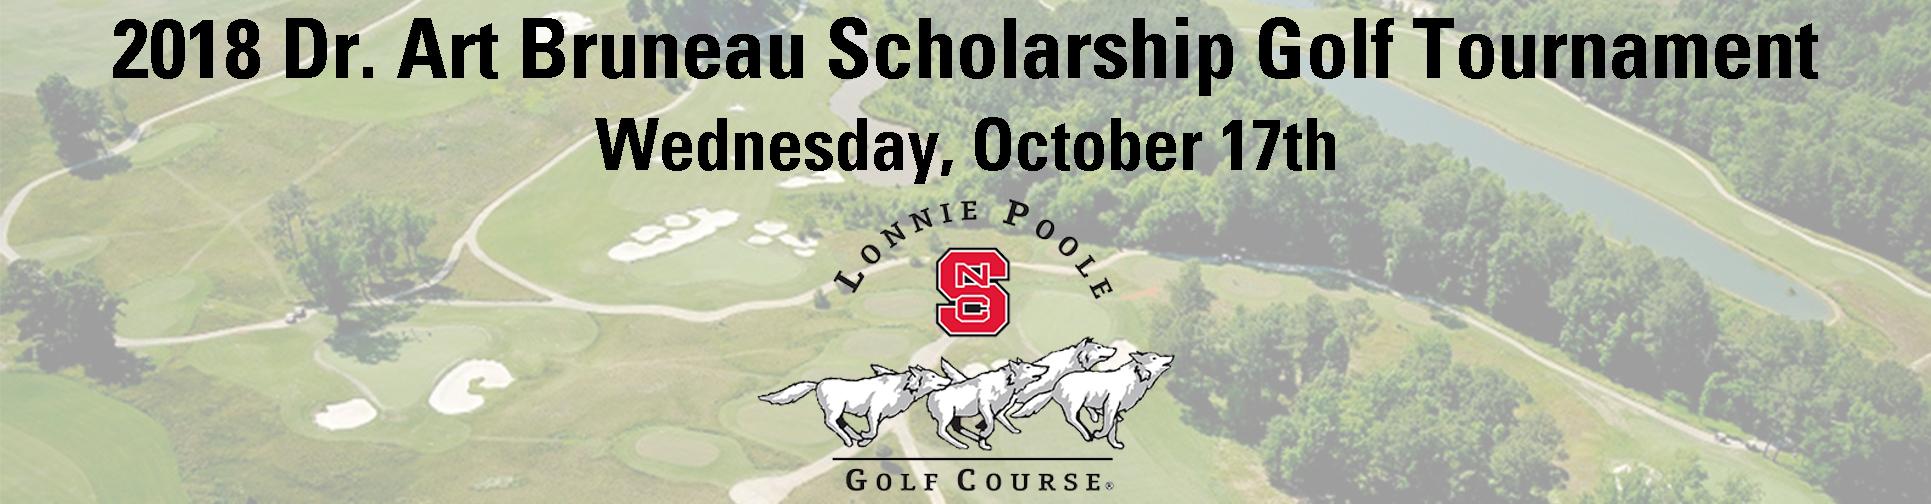 2018 Dr. Art Bruneau Scholarship Golf Tournament